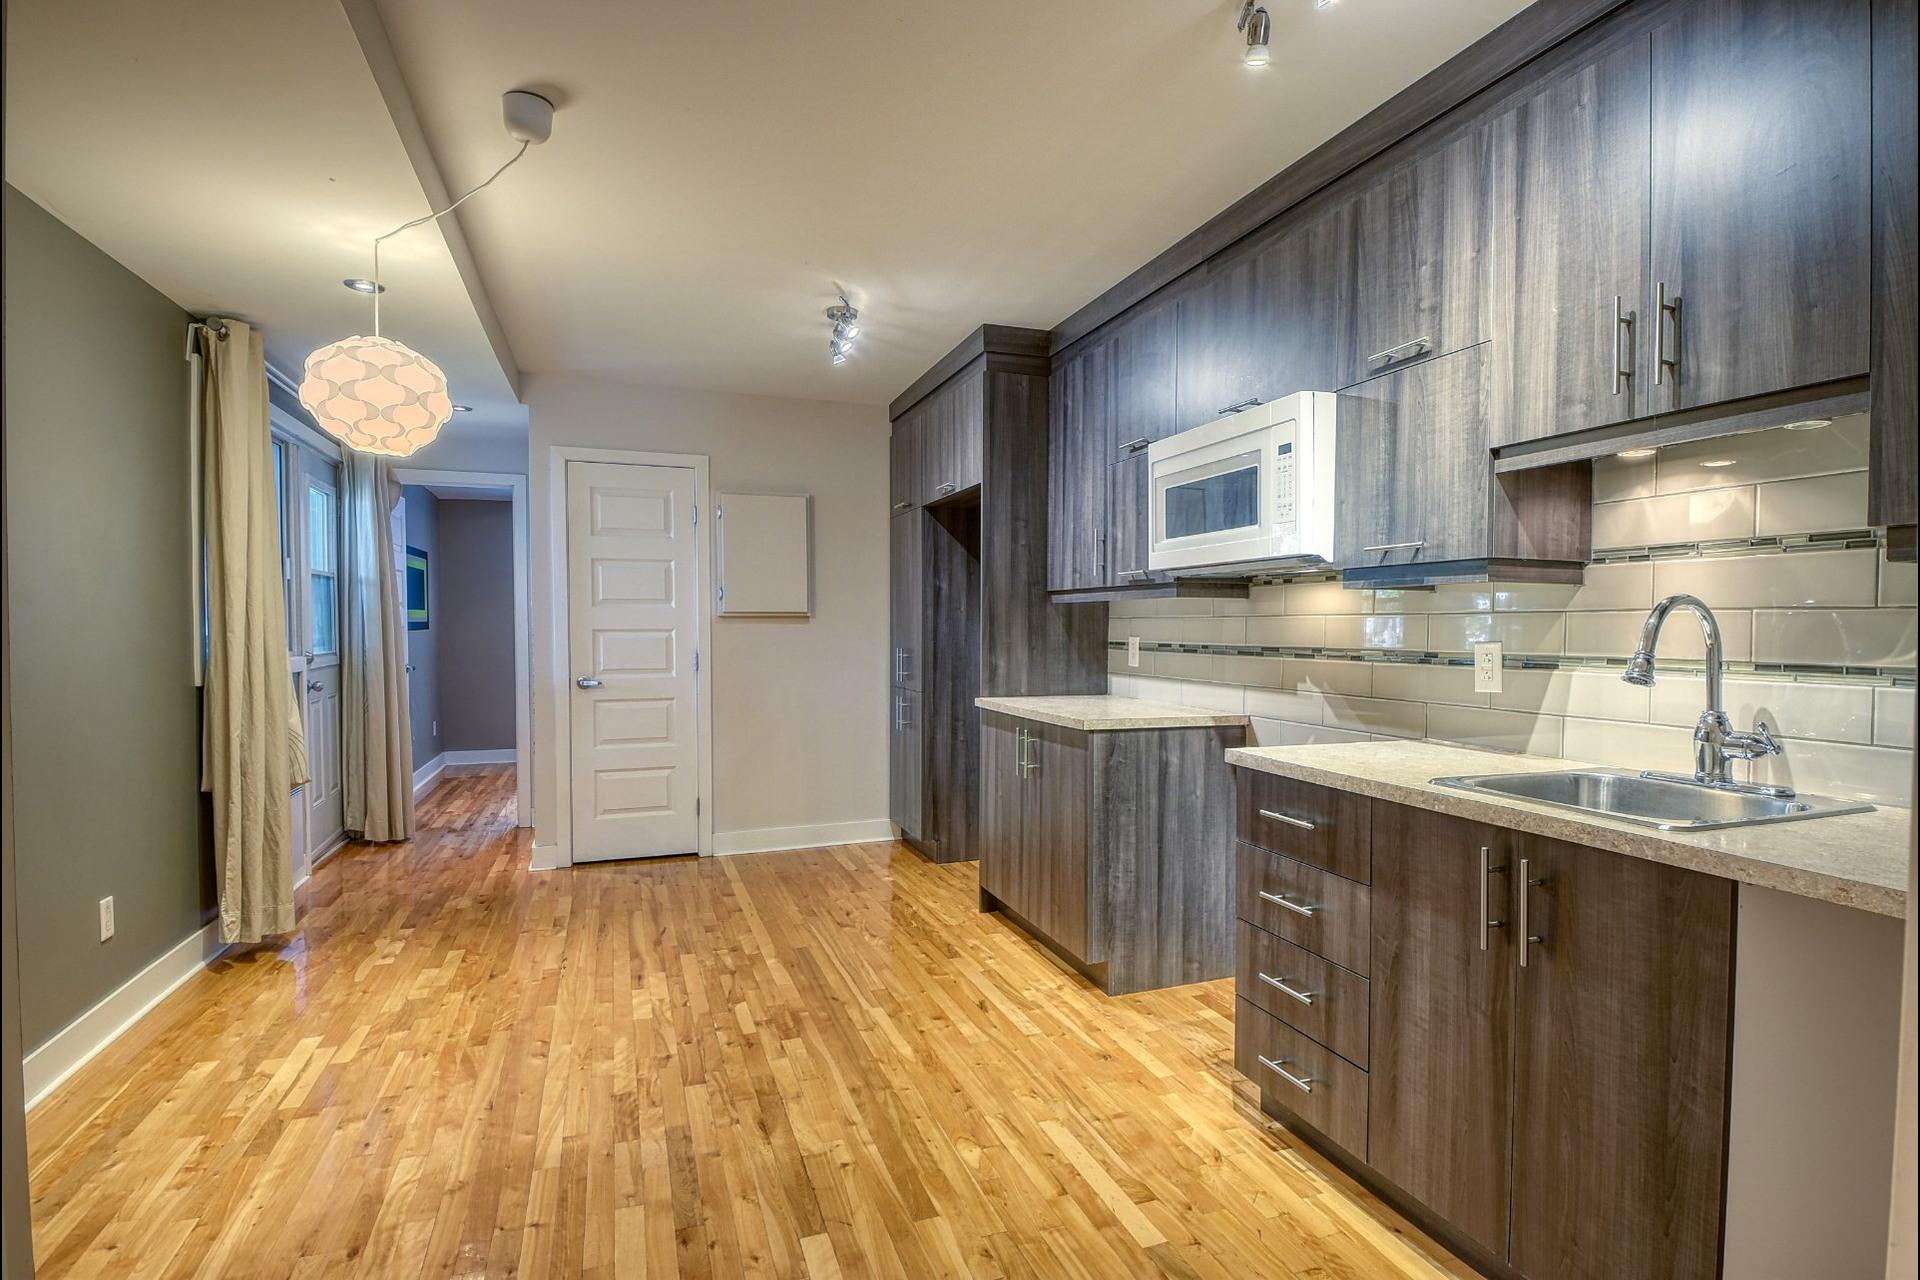 image 4 - Apartment For sale Mercier/Hochelaga-Maisonneuve Montréal  - 4 rooms